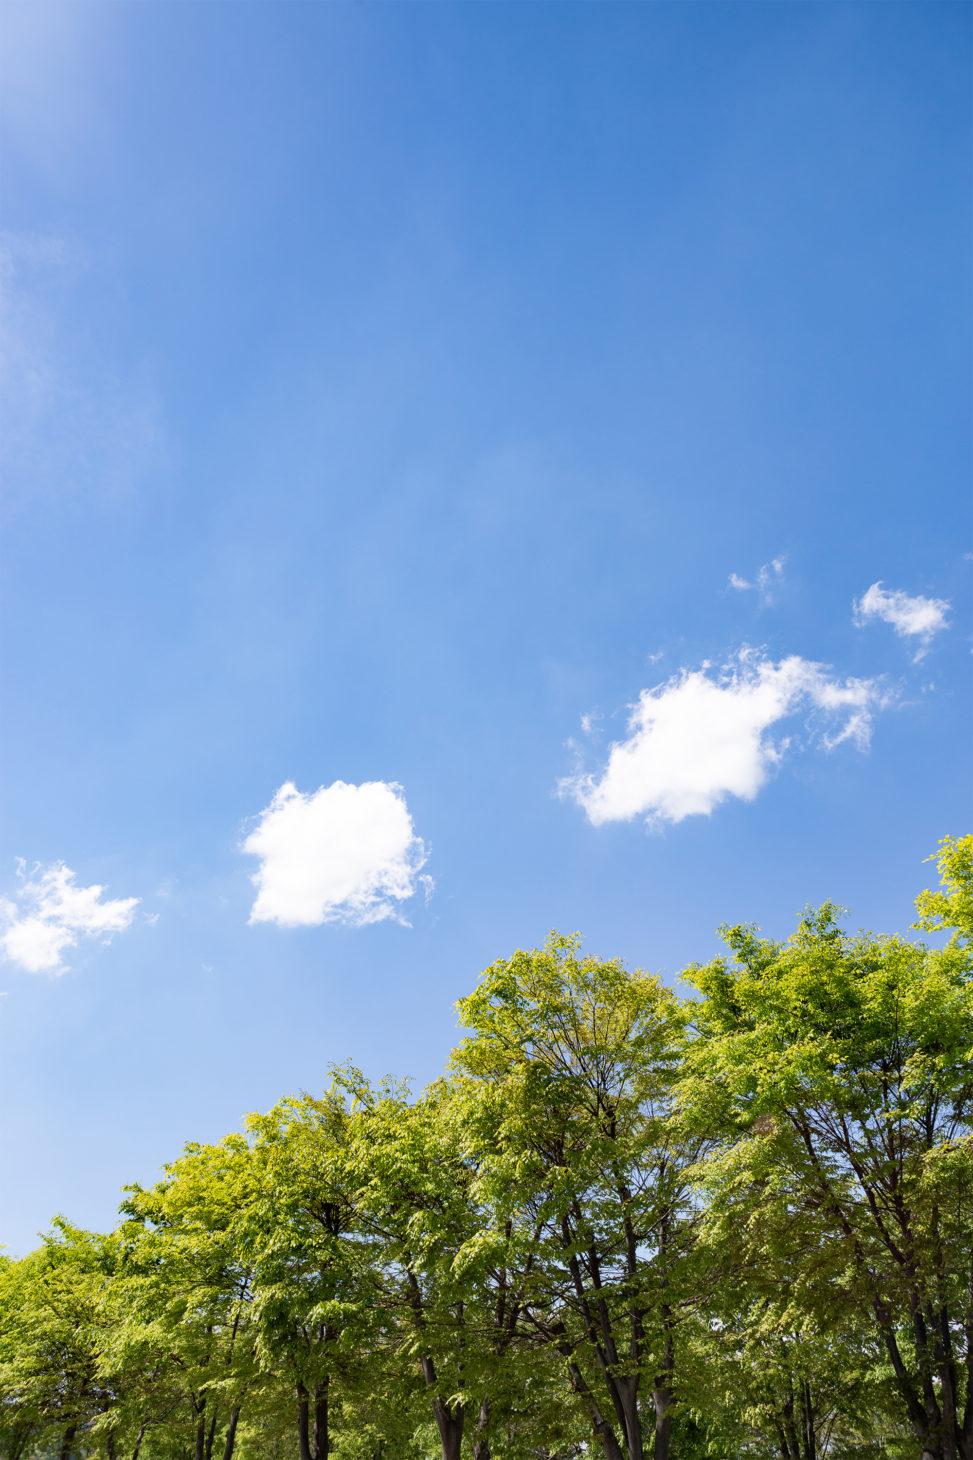 5月の新緑と青空04 無料の高画質フリー写真素材 イメージズラボ